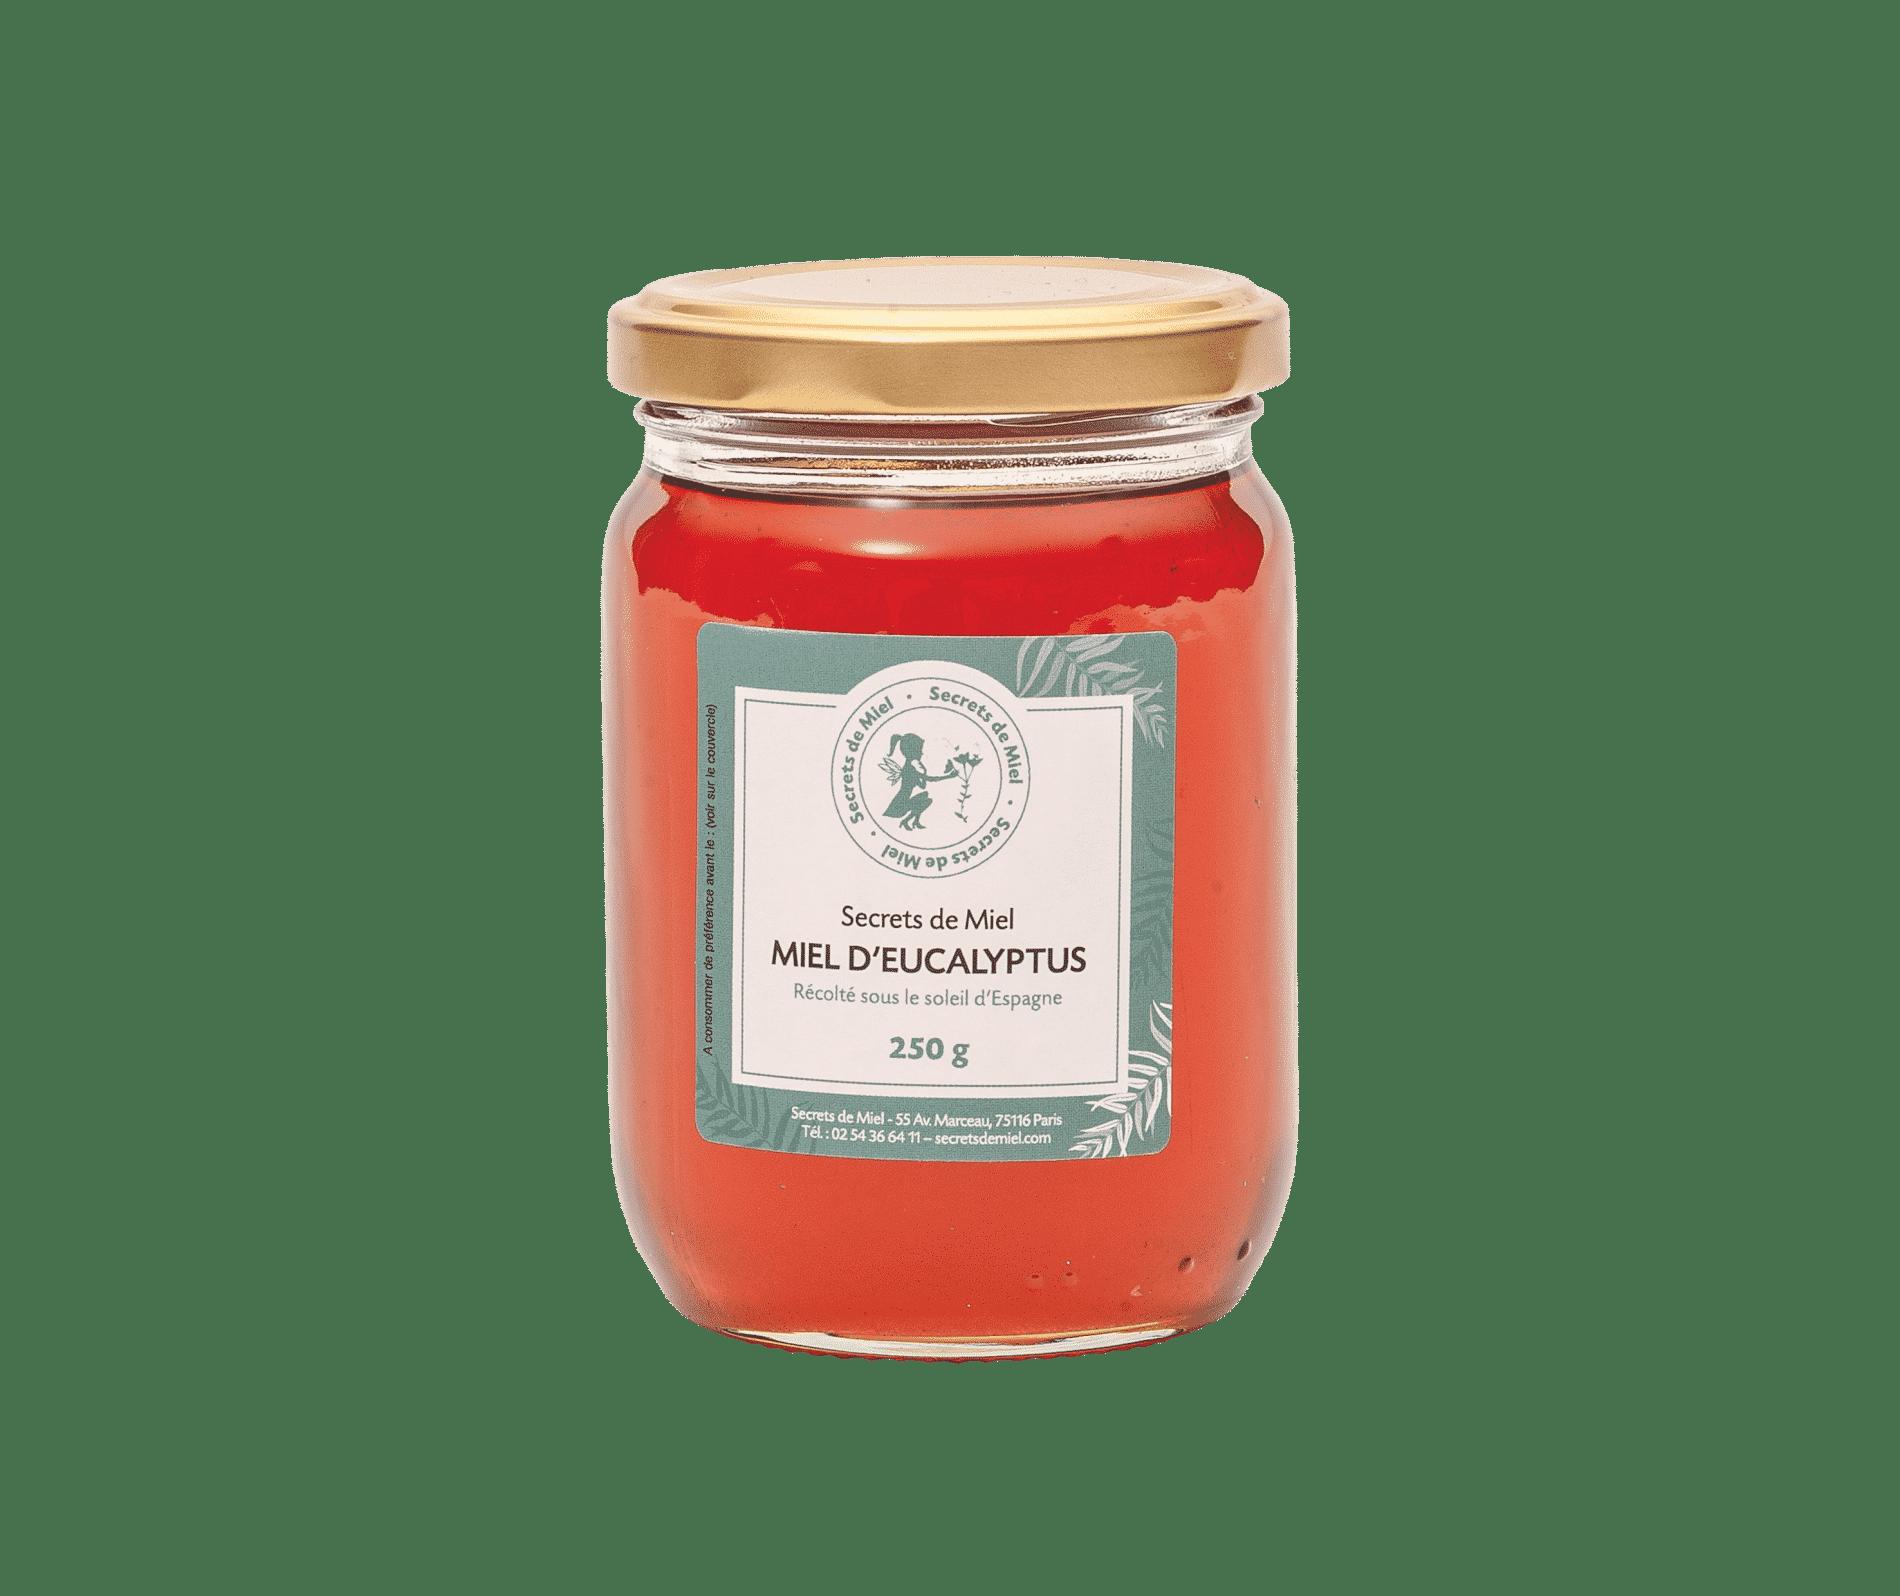 miel frais - mentholé - Eucalyptus - Secrets de Miel